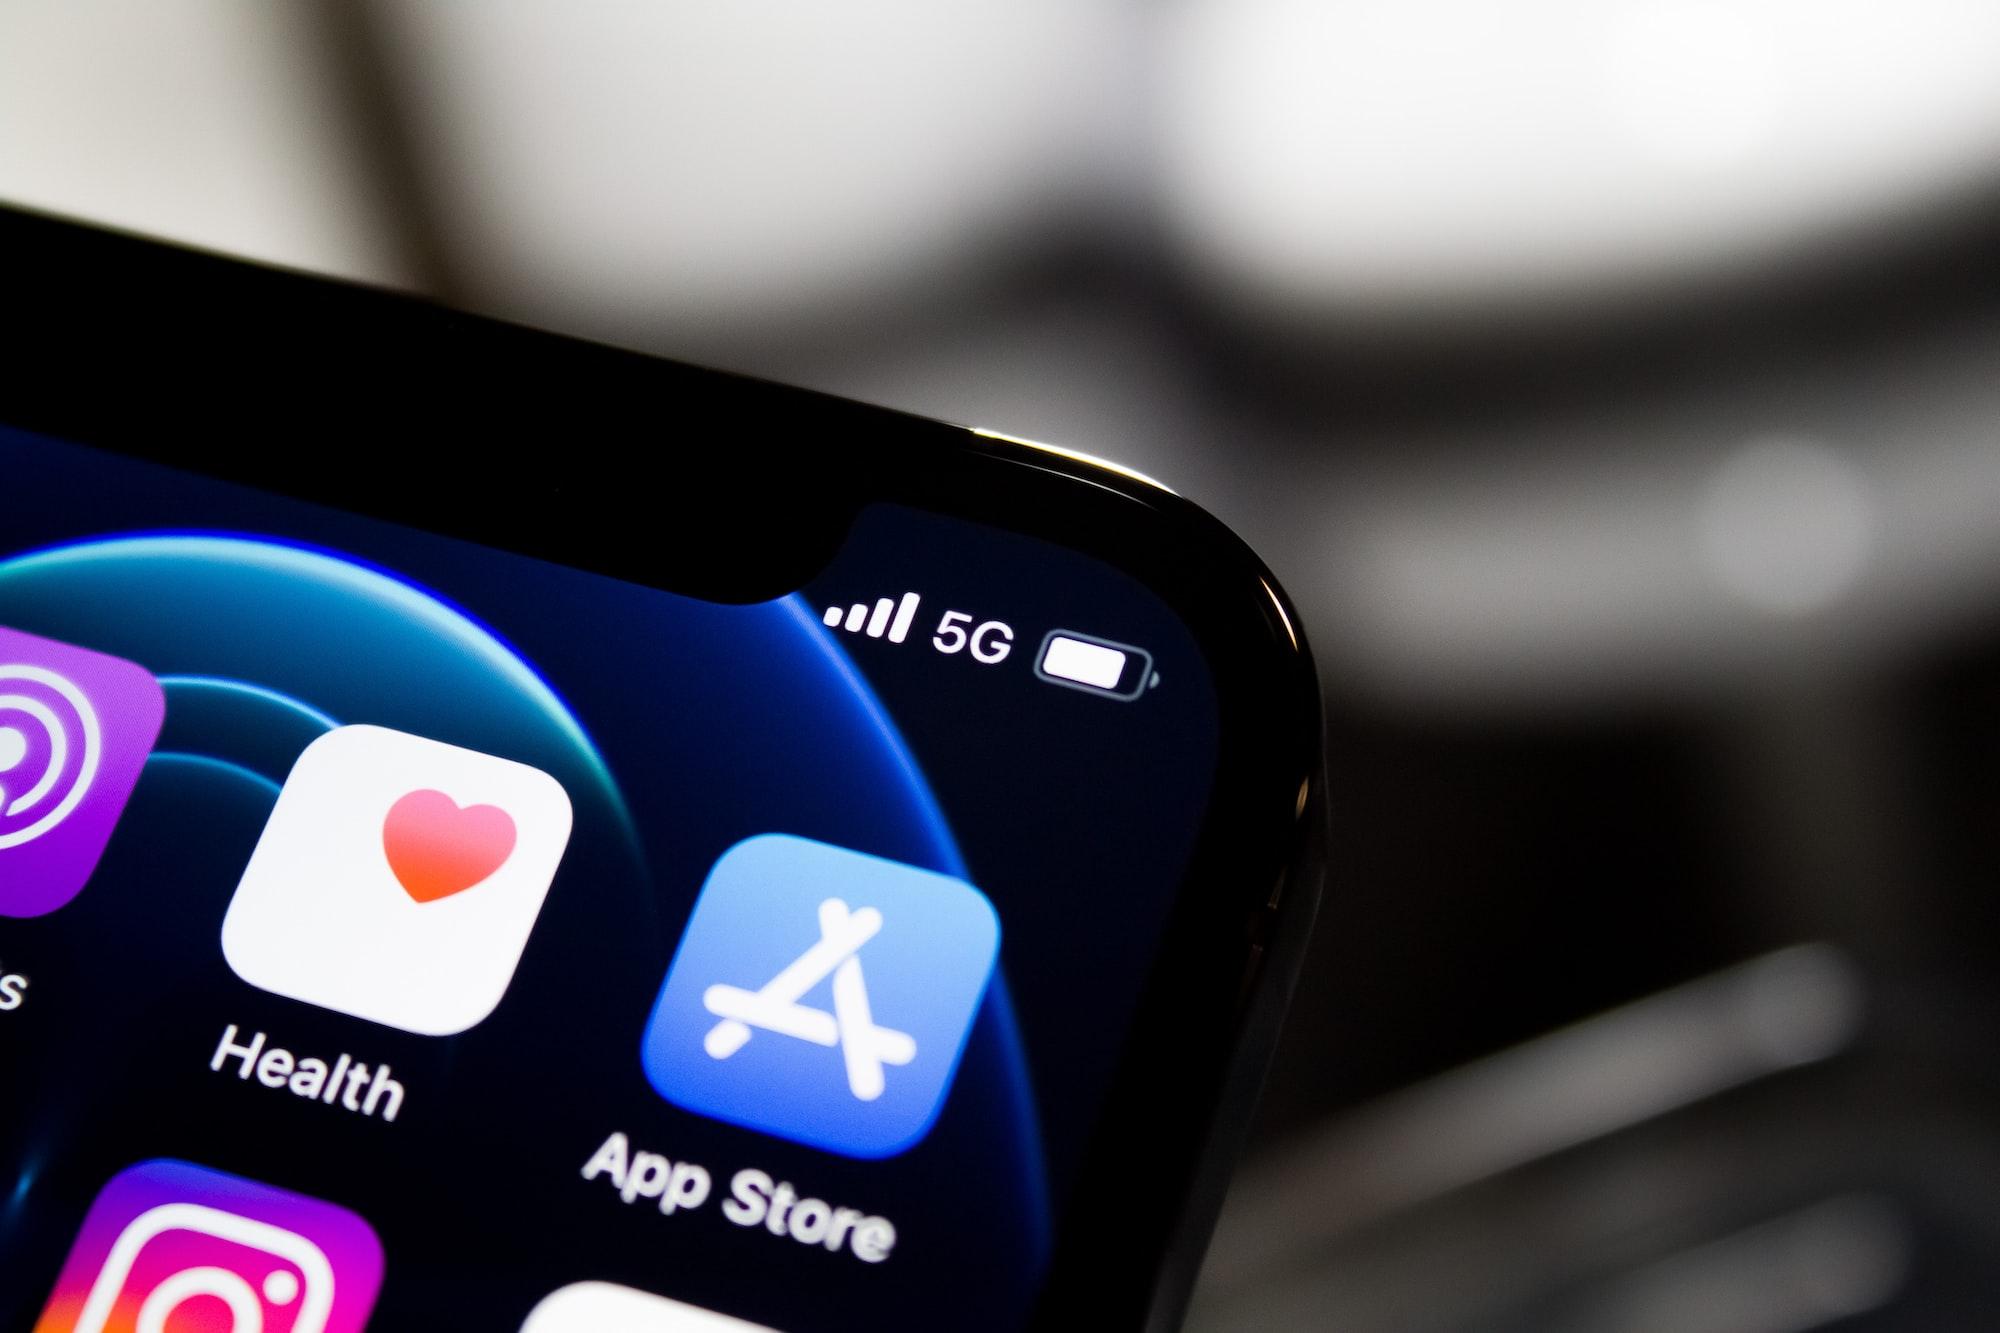 В App Store нашли пиратское приложение для просмотра фильмов и сериалов замаскированное под игру в Судоку